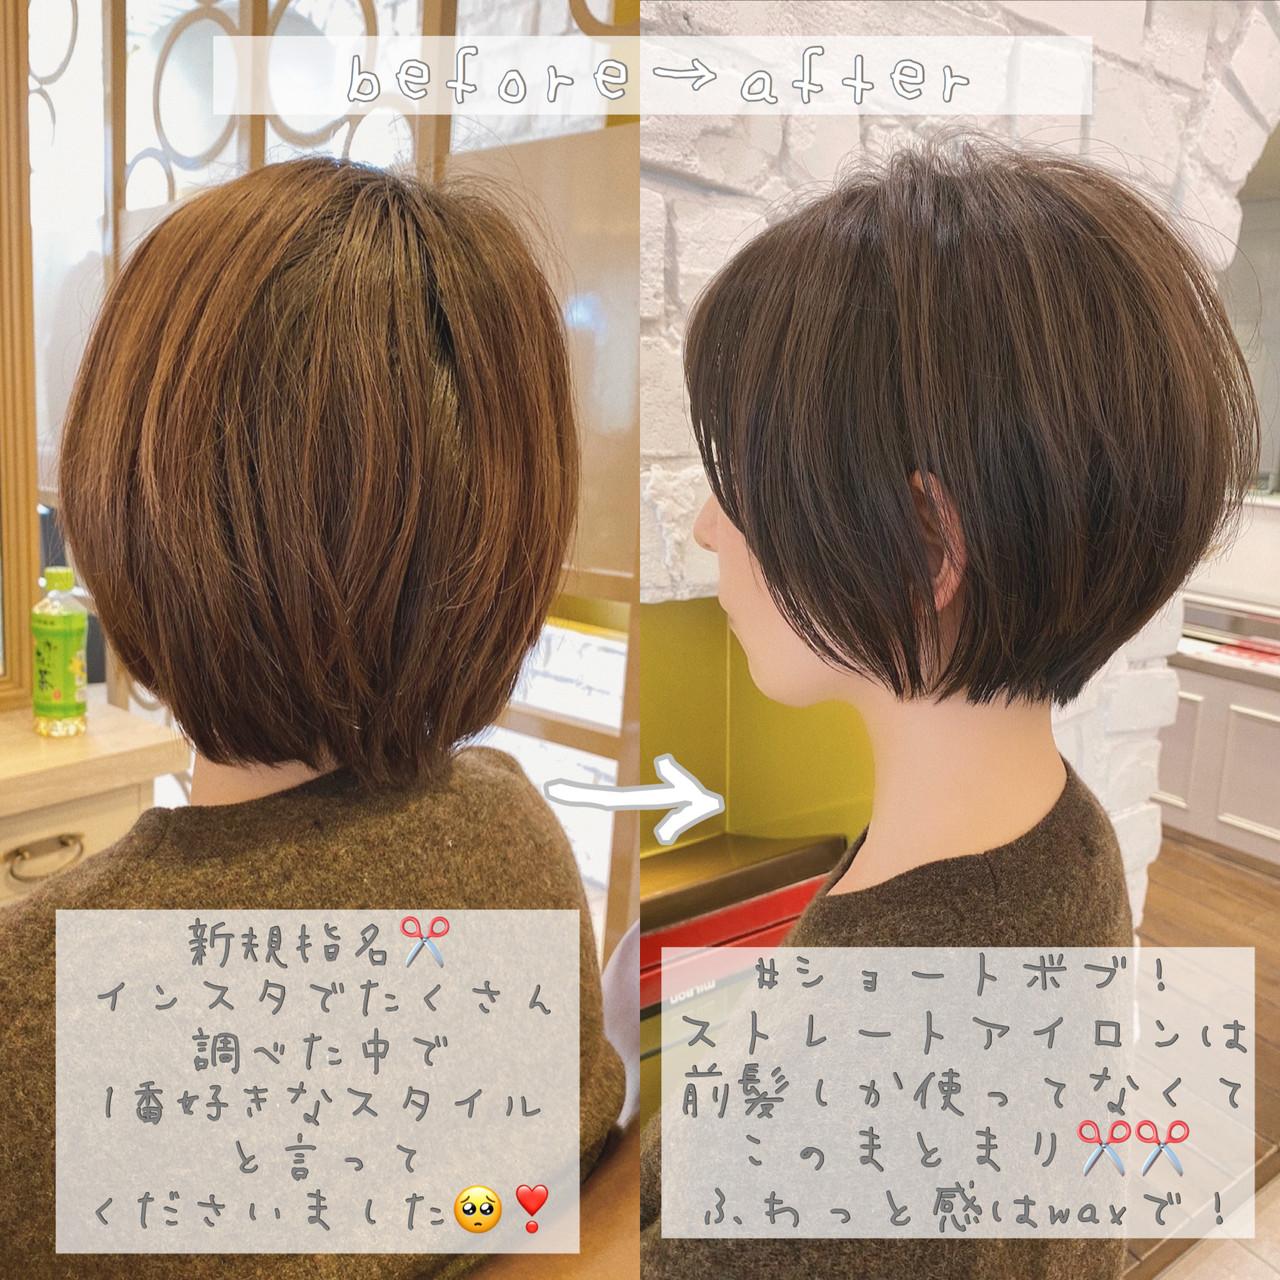 ショートヘア 丸みショート 大人かわいい ショートボブ ヘアスタイルや髪型の写真・画像 | 石川有里彩 / リュドール栄